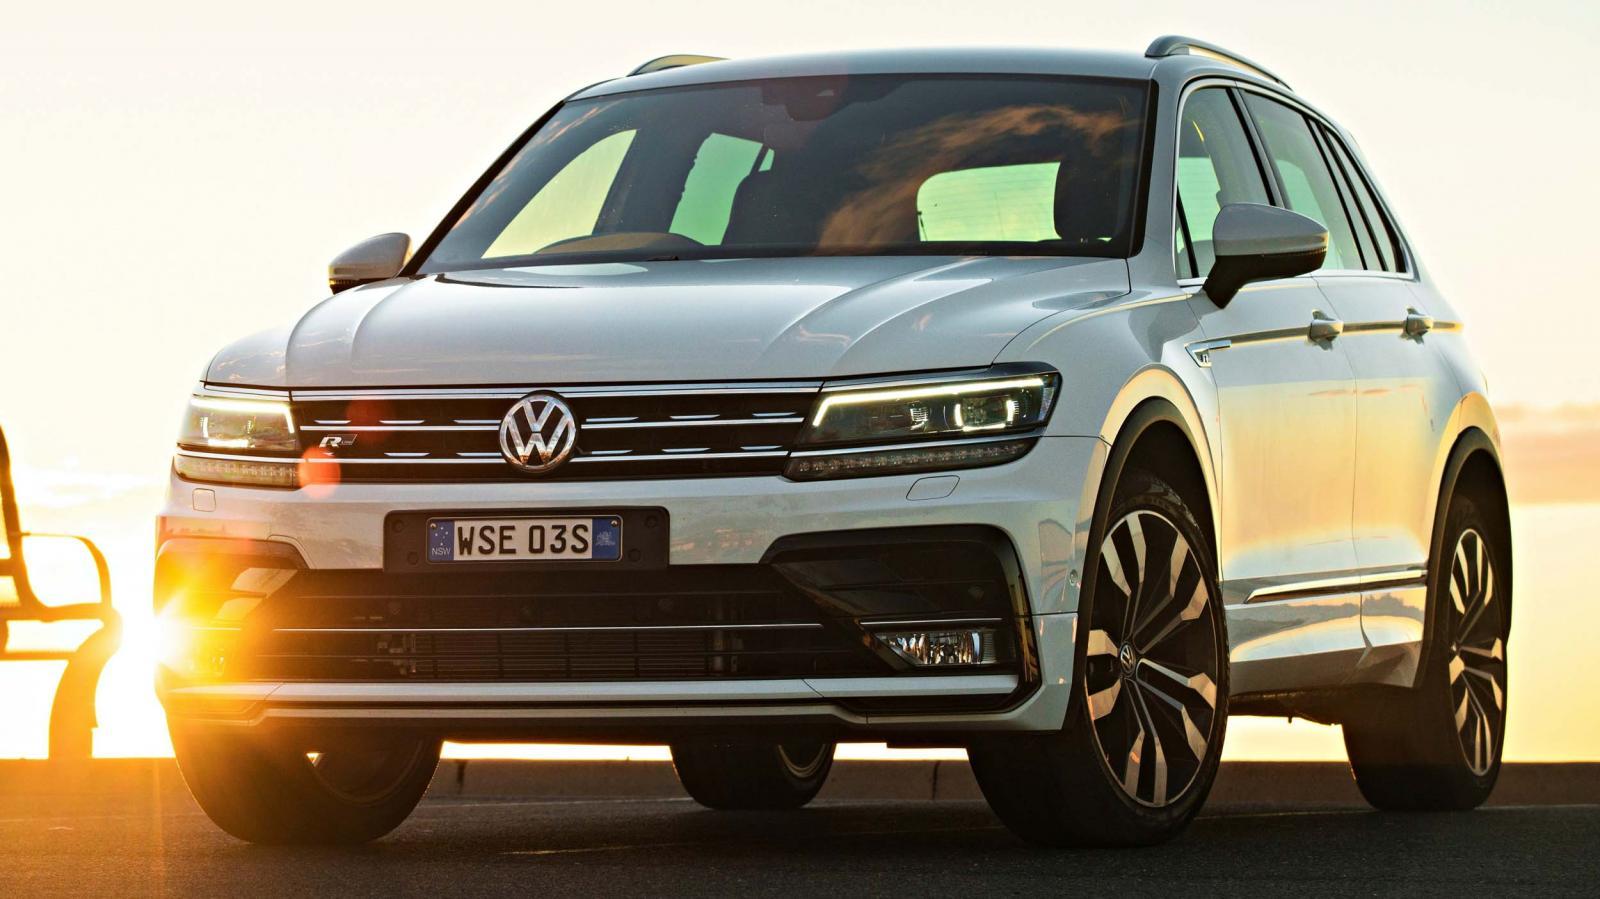 La Volkswagen Tiguan se fabrica en la planta de Puebla